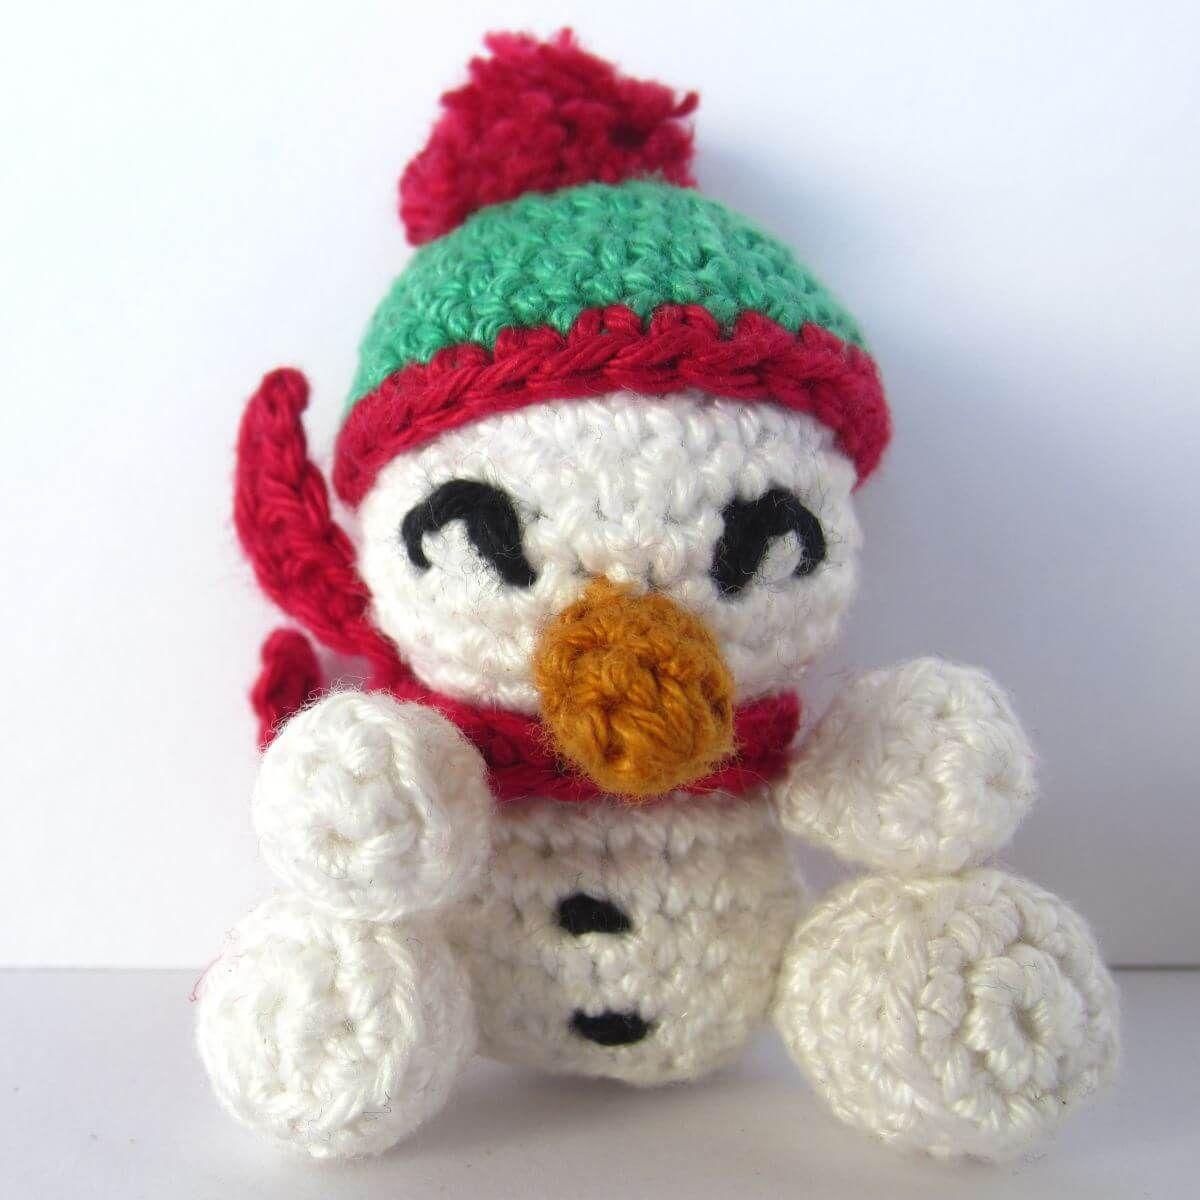 Der Schneemann, kühler und schweigsamer Freund an schneereichen ...